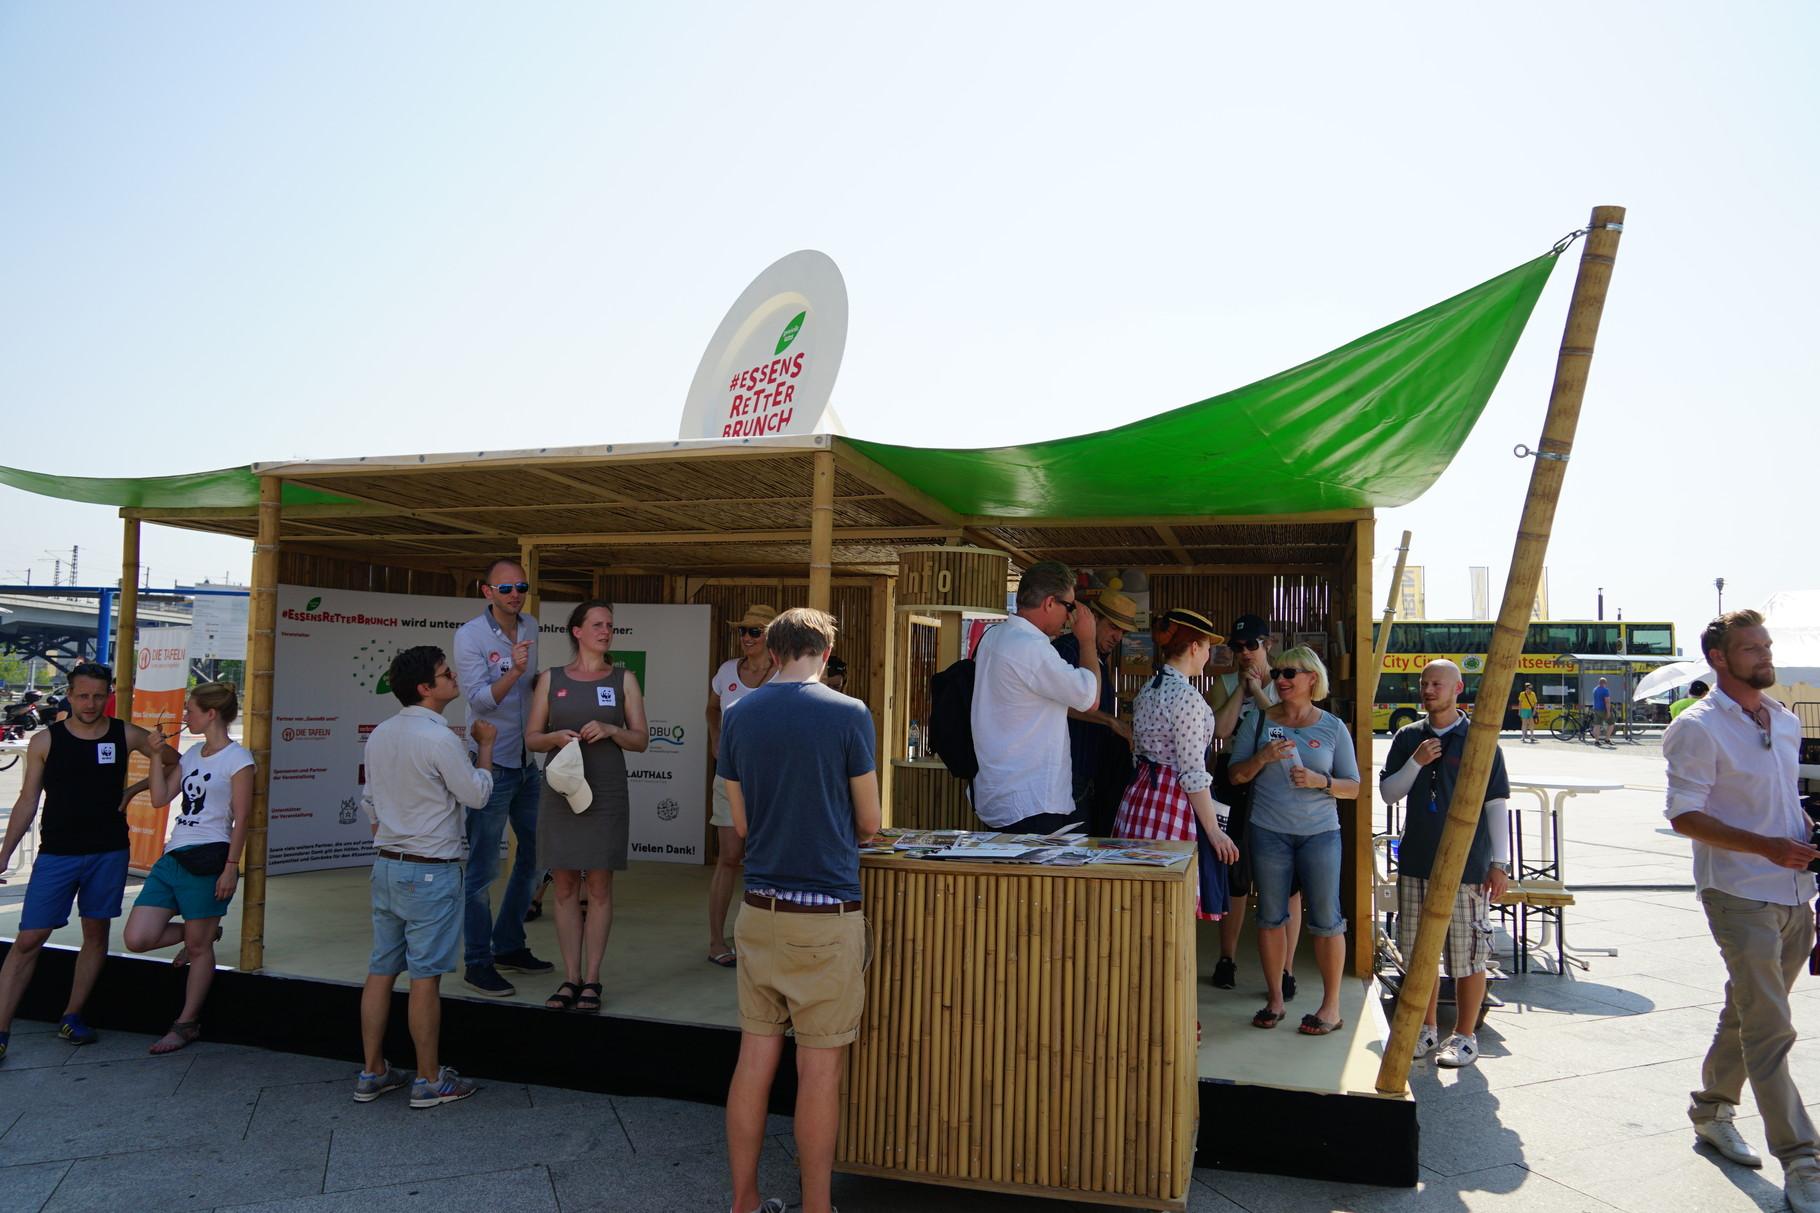 ROADSHOW - WWF lädt zum Essensretterbrunch 2015, Berlin